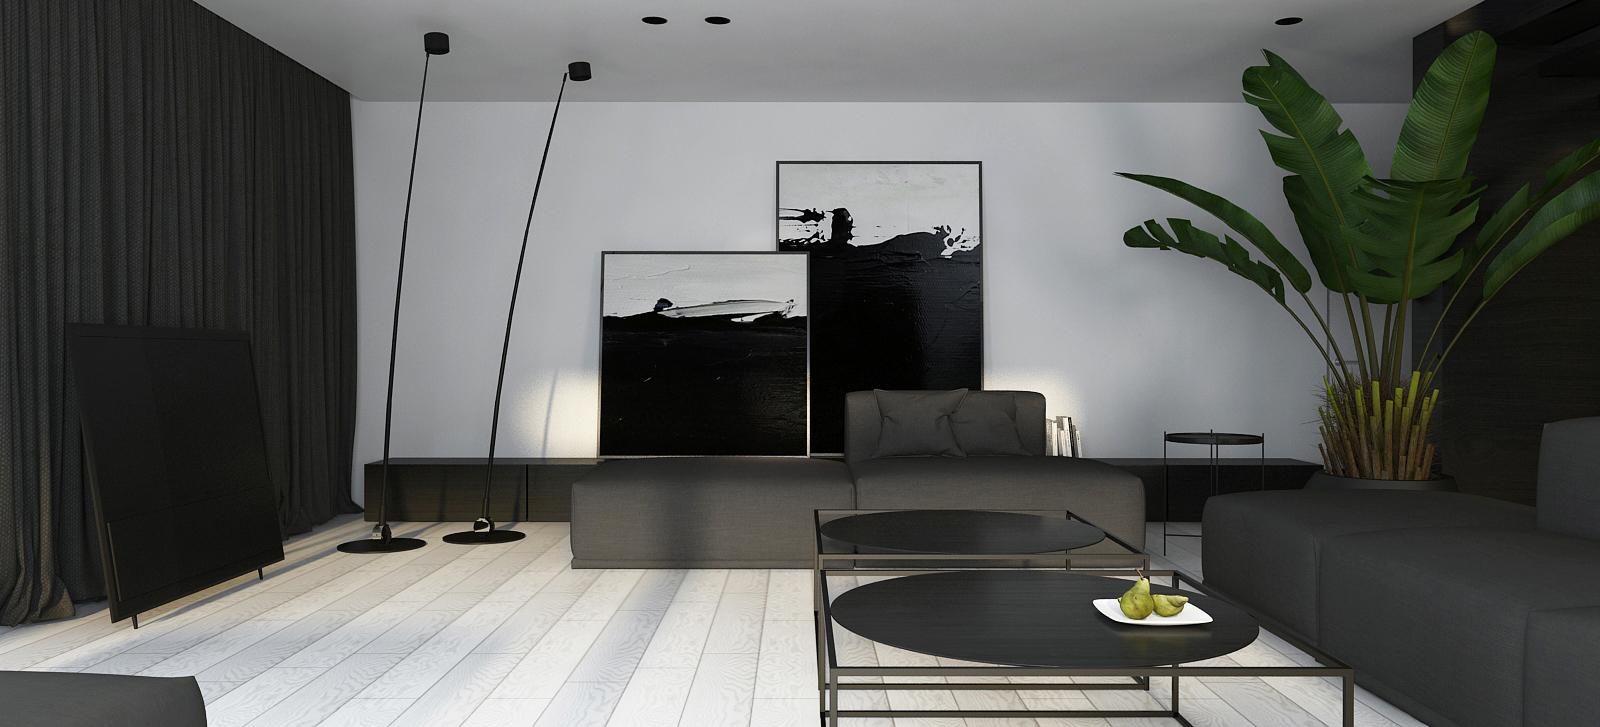 001 mono projektant wnętrz śląsk katowice gliwice nowoczesny salon minimalistyczny